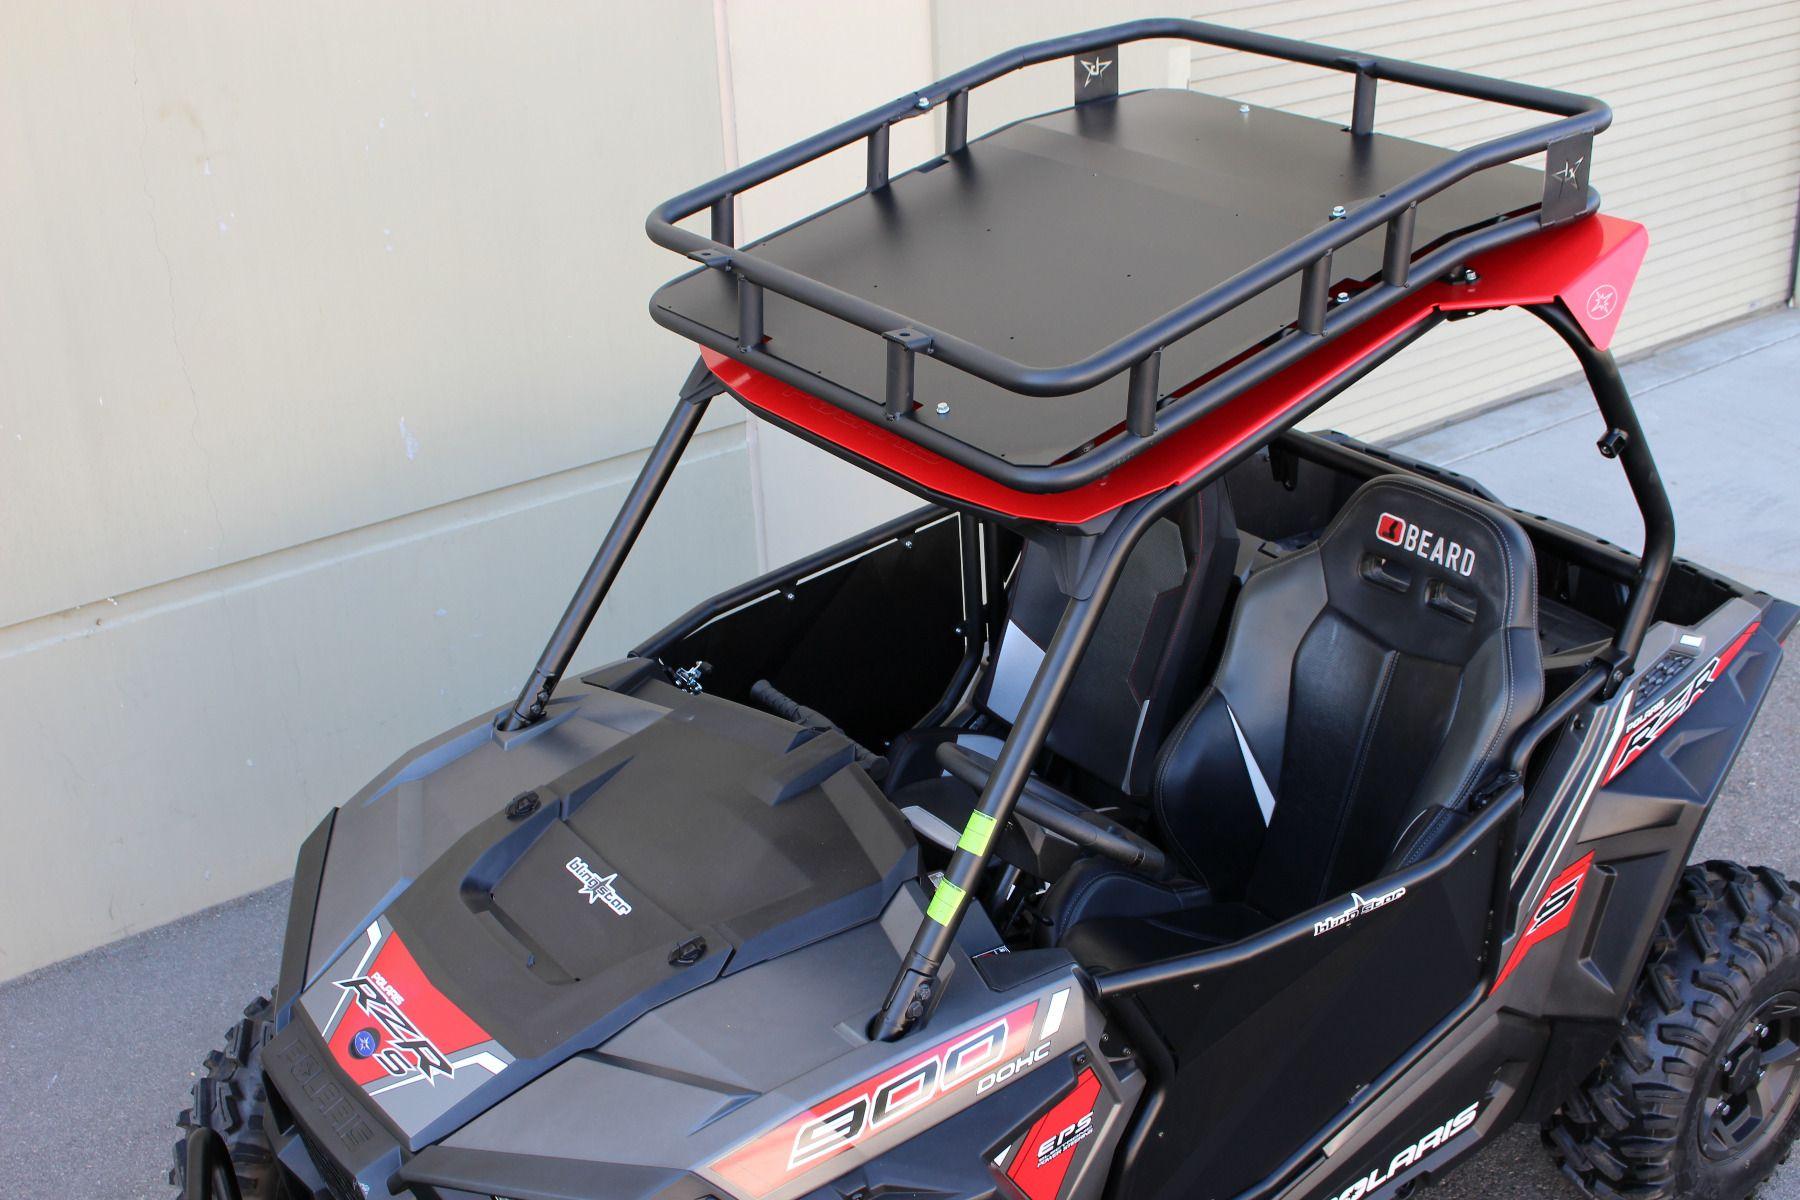 Polaris Rzr 900 S Xc Rzr 1000 S Amp Xp1000 Roof Rack